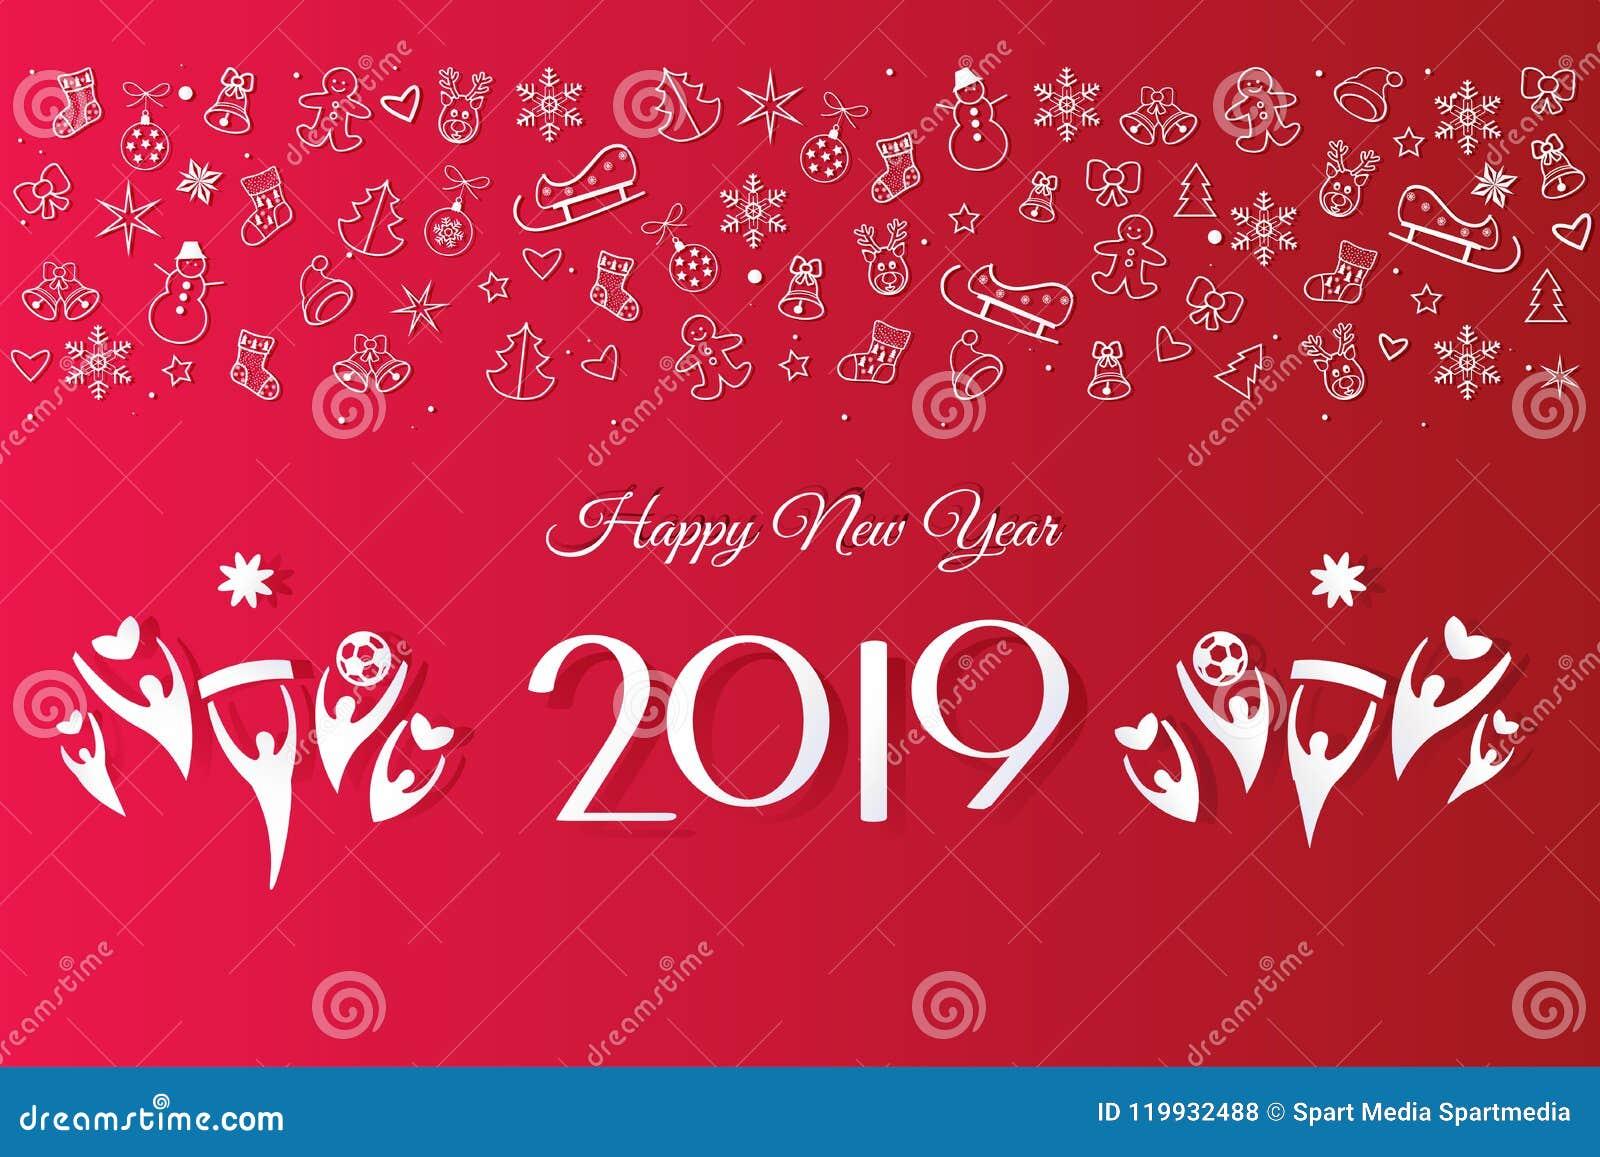 2019 Fireworks Festival Christmas Stock Vector Illustration Of